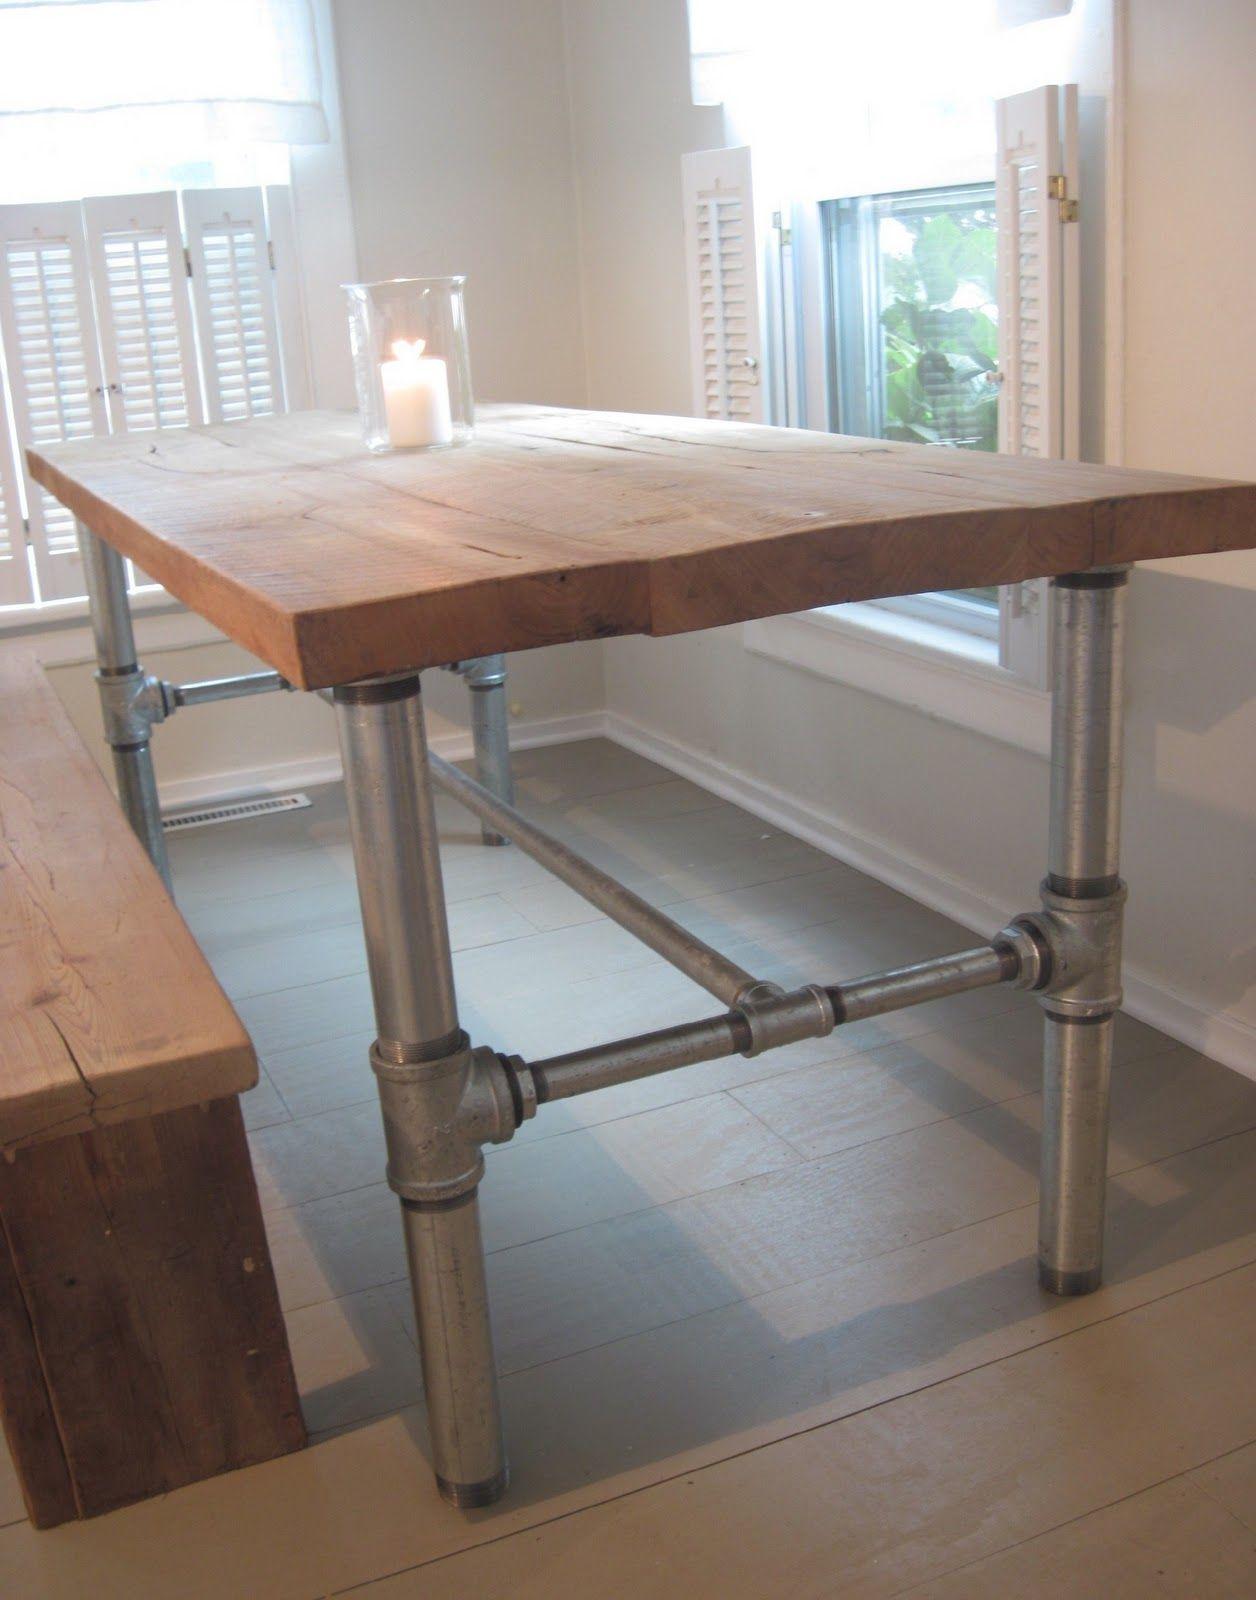 Mesa de madera y ca o muebles pinterest mesa de for Cano muebles padul